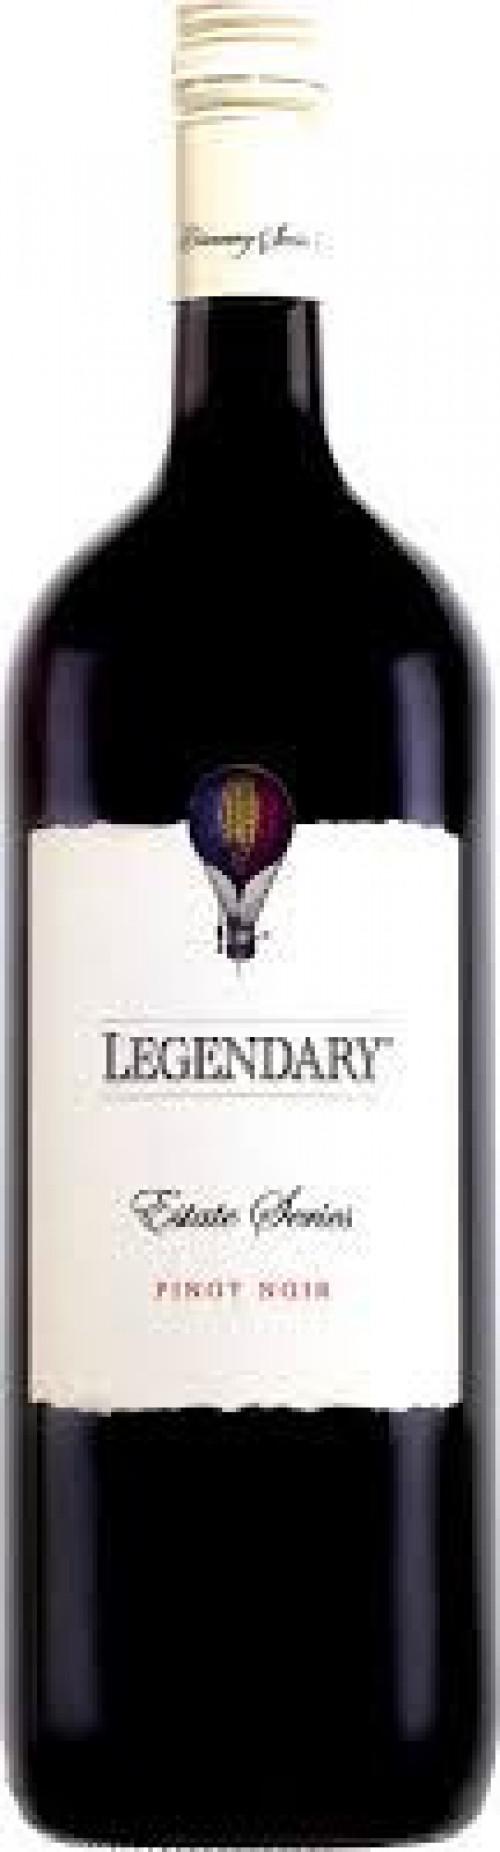 Legendary Pinot Noir 1.5 Ltr